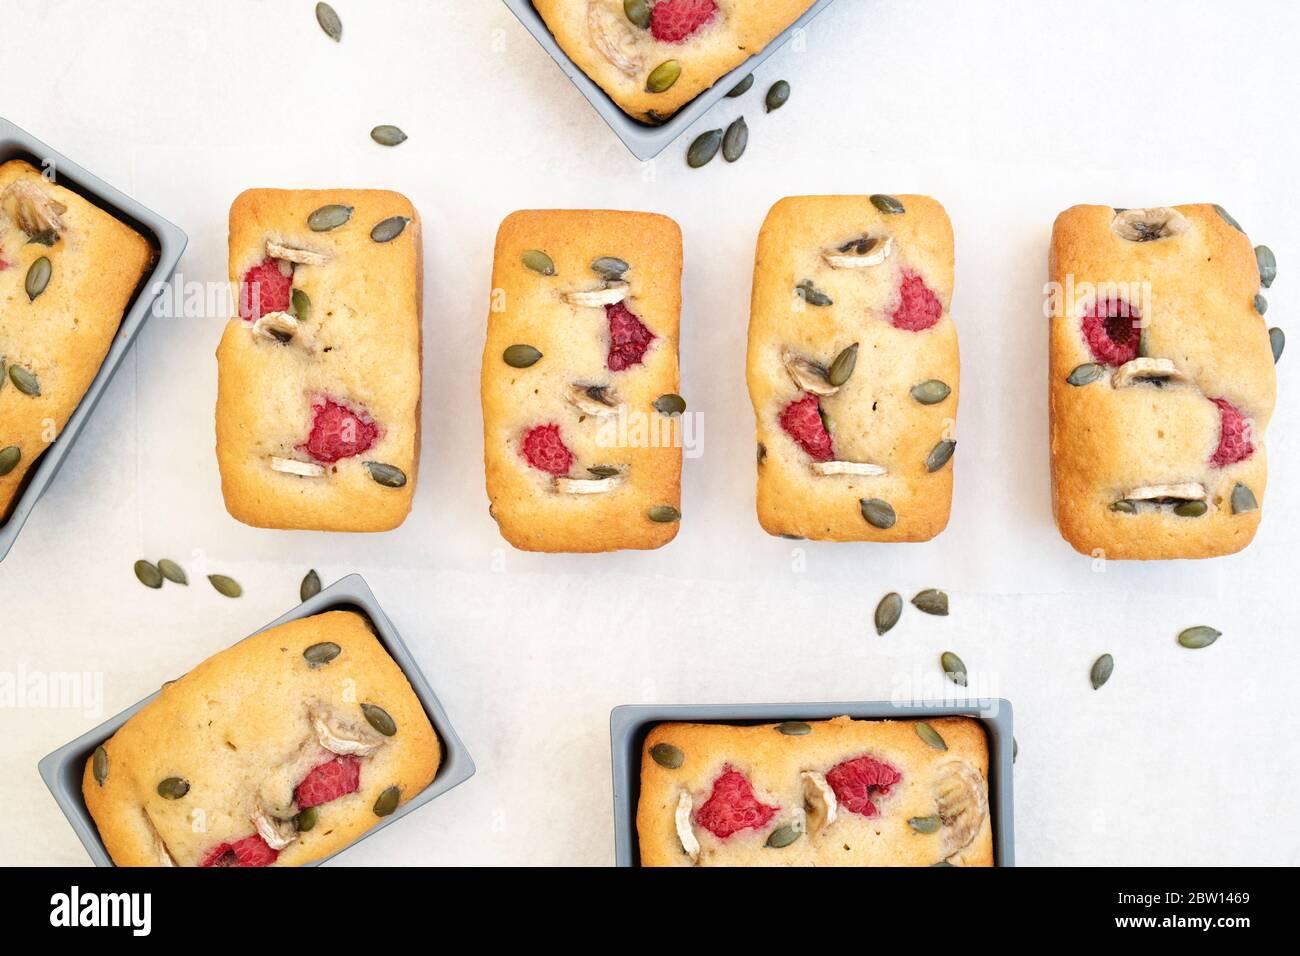 Hausgemachte Mini-Bananen und Himbeer-Laib Kuchen Stockfoto